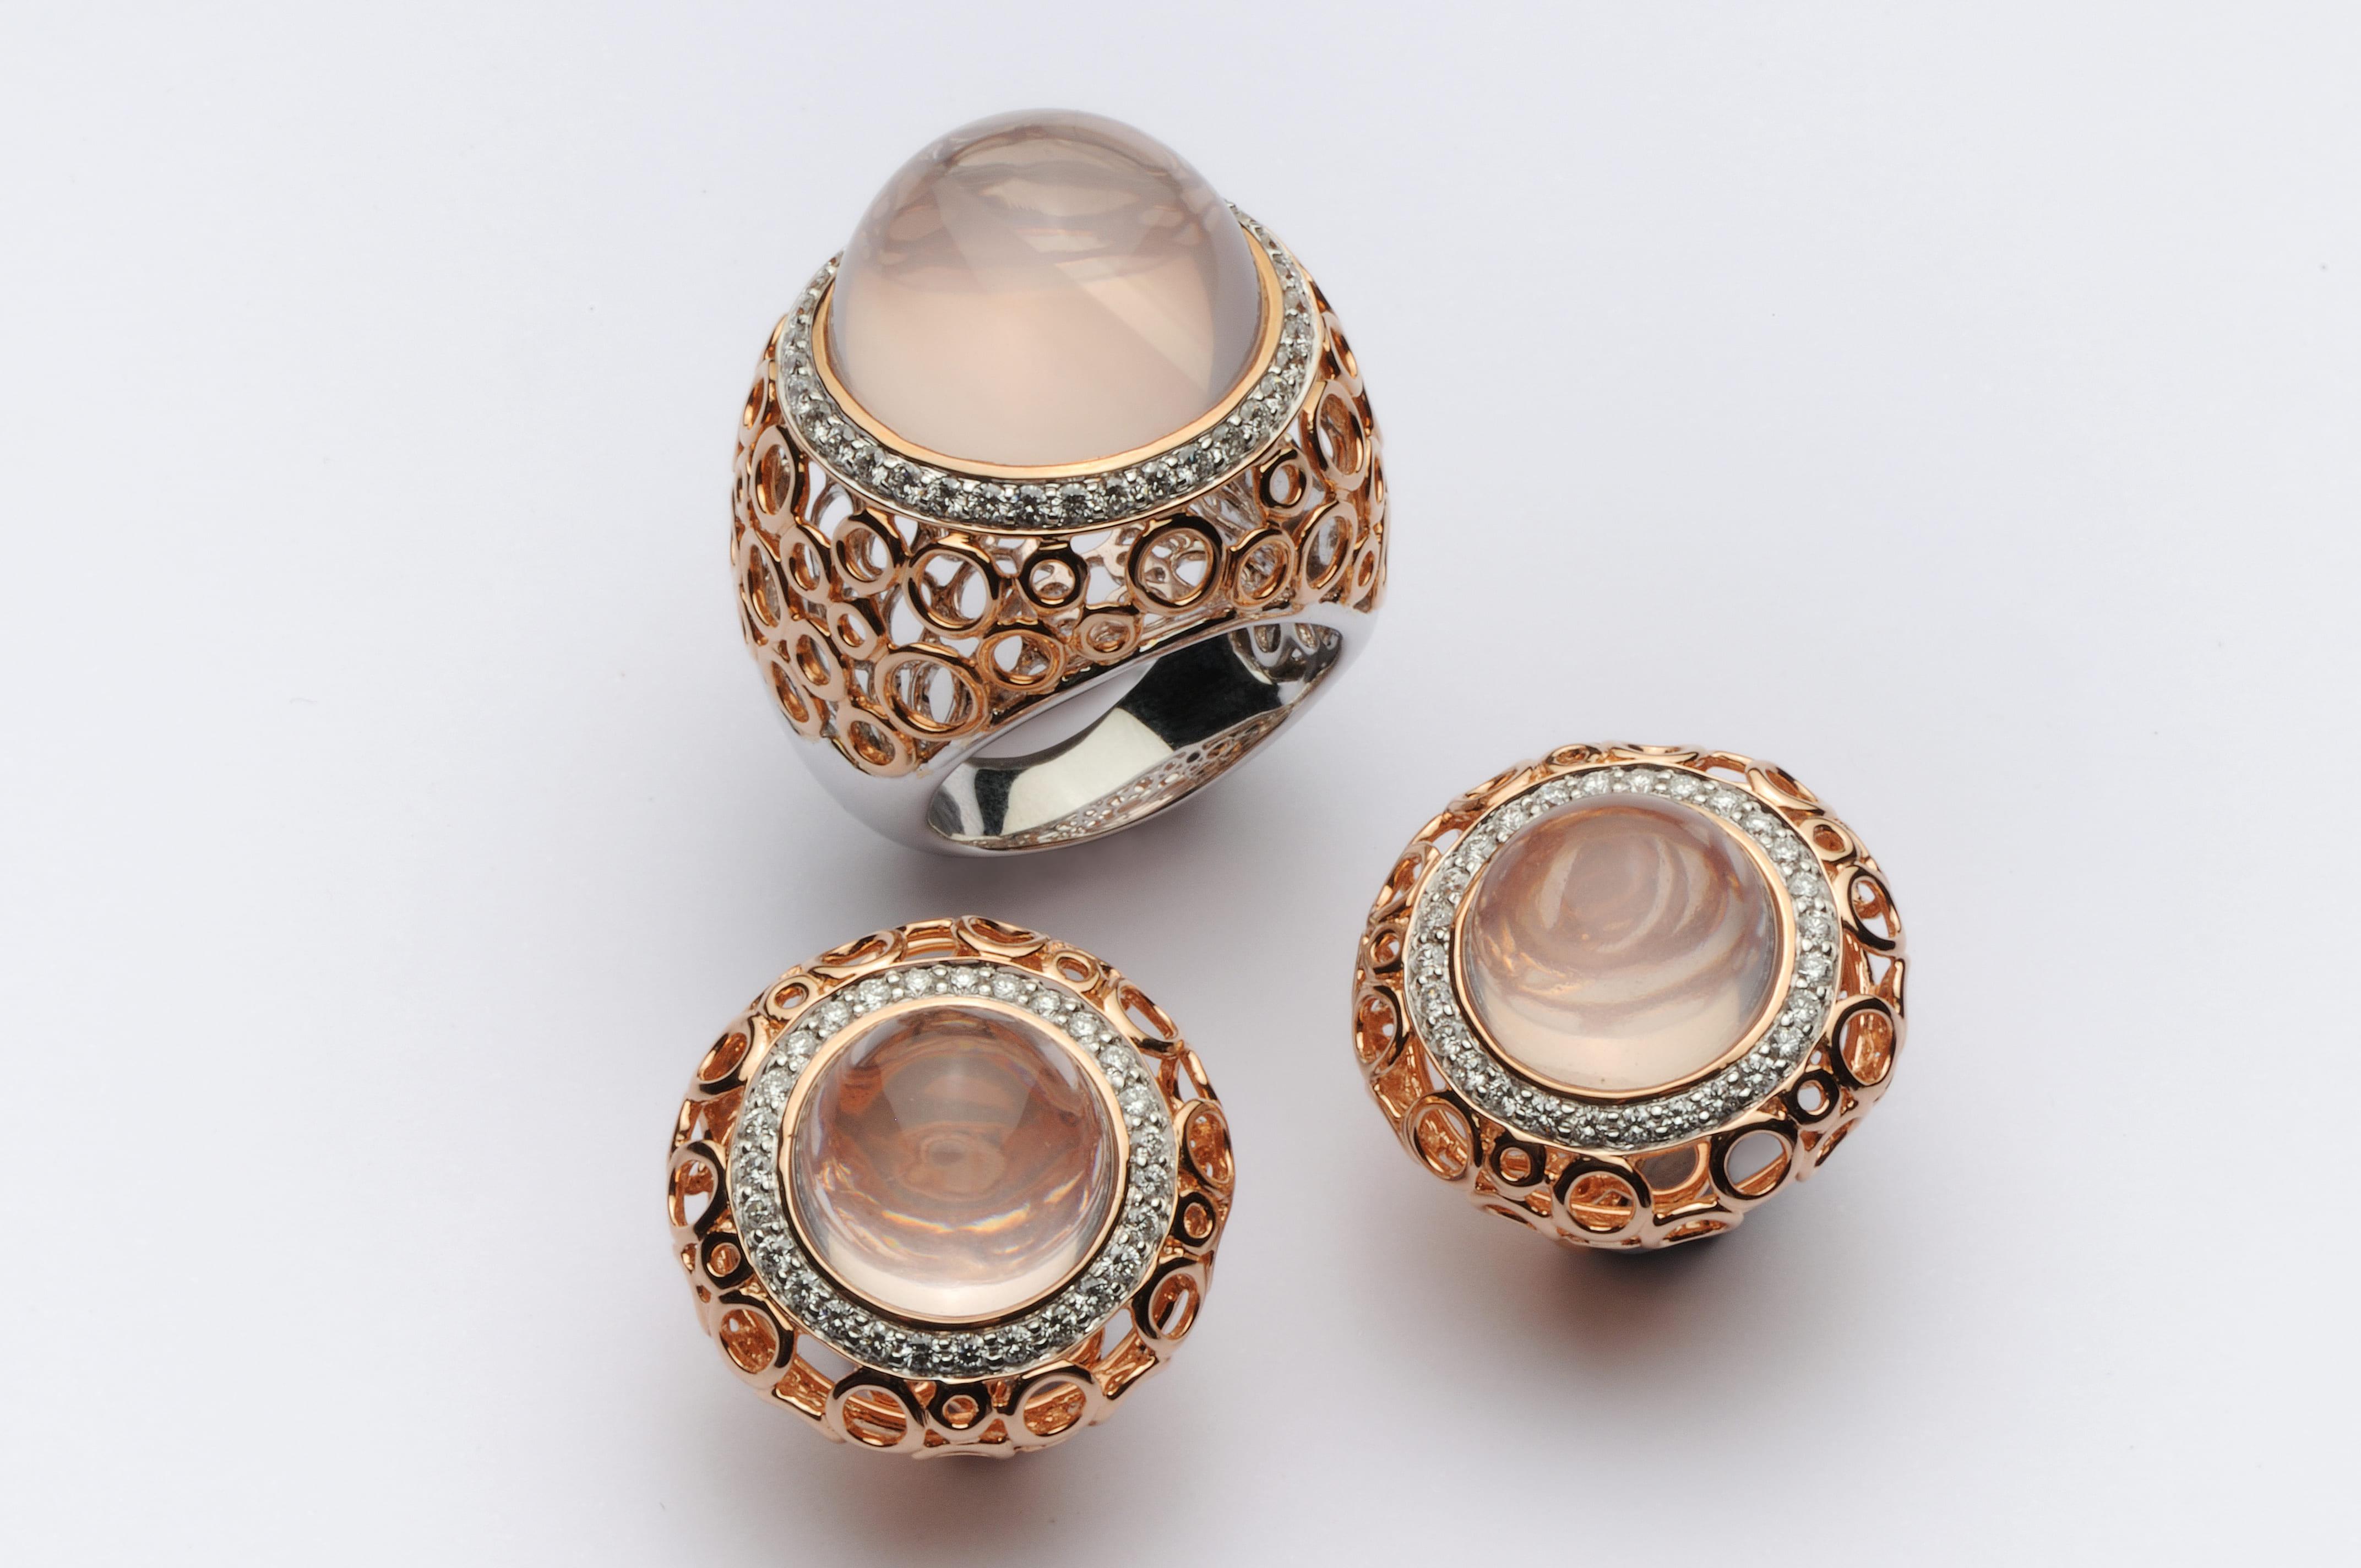 jewellery to wear in summer